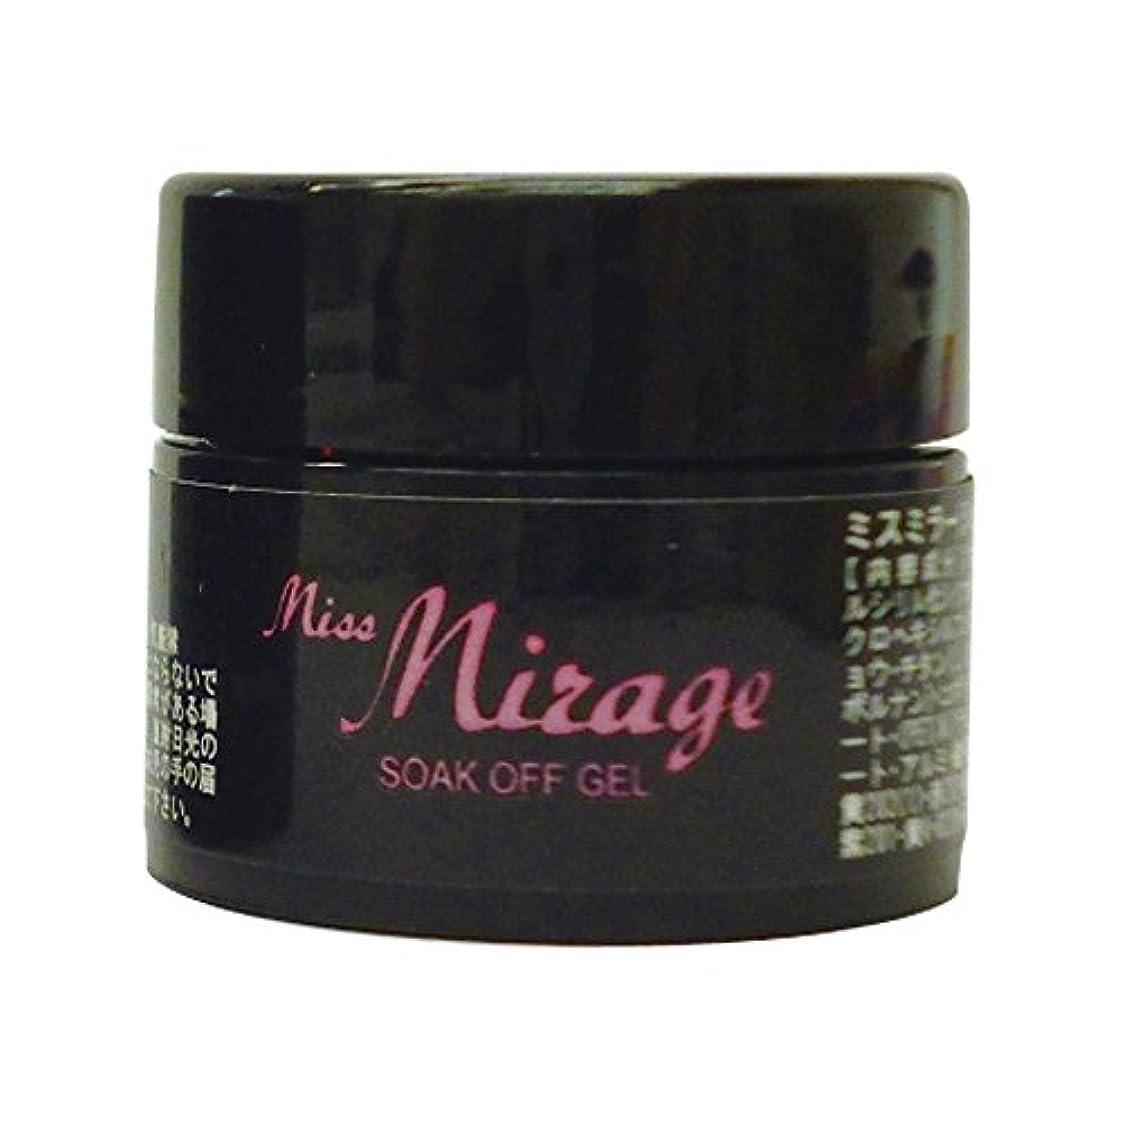 肌寒い酸度放課後Miss Mirage ソークオフジェル TM31S 2.5g トゥルーリーバイオレット